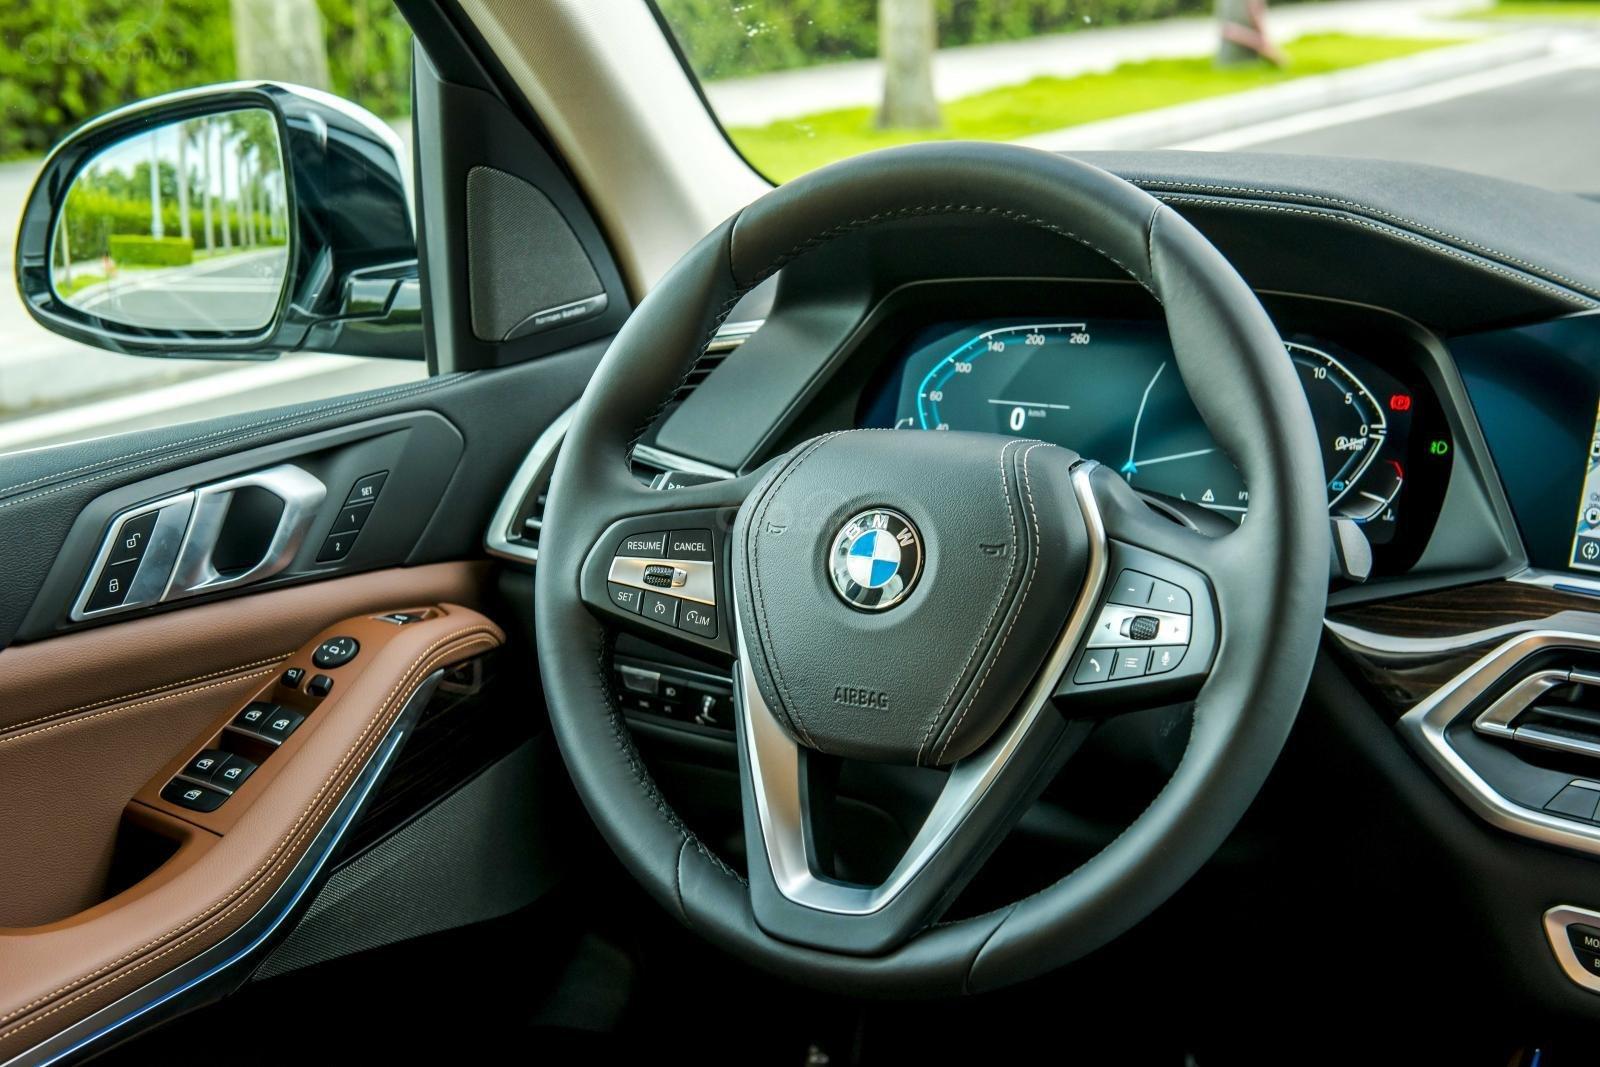 Chi tiết về BMW X5 2019 tại Việt Nam 8